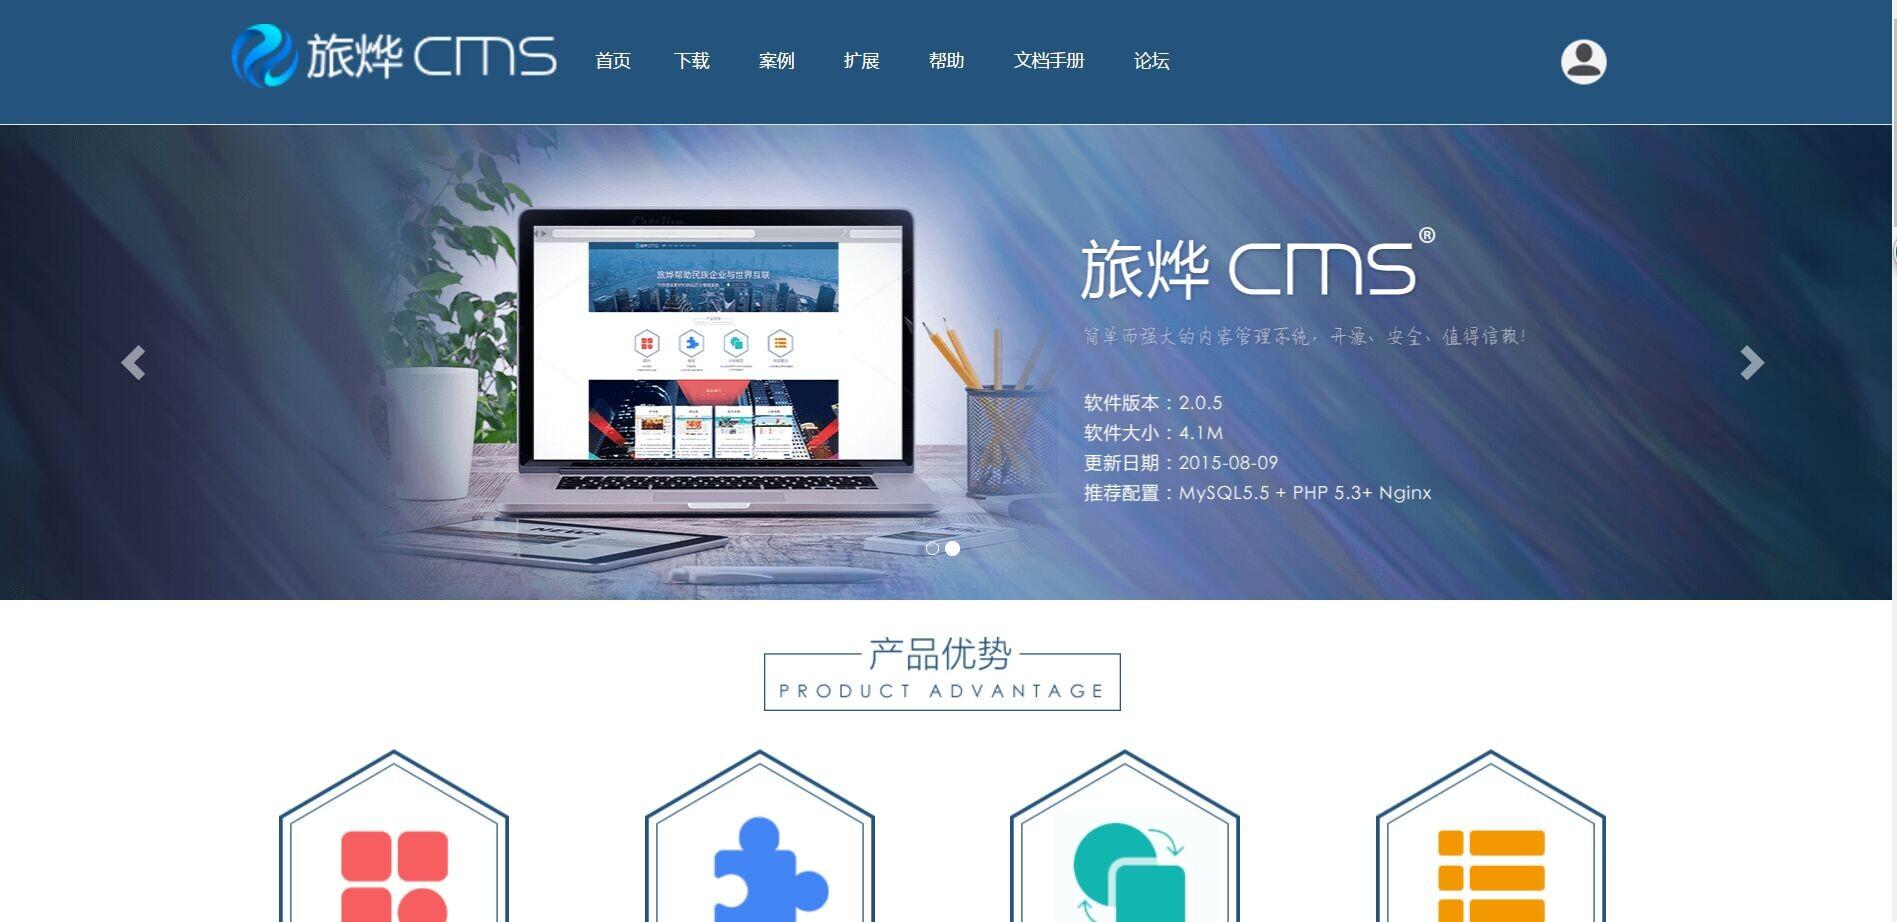 2019年xp系统排行榜_cms系统是什么 2019年CMS排行榜